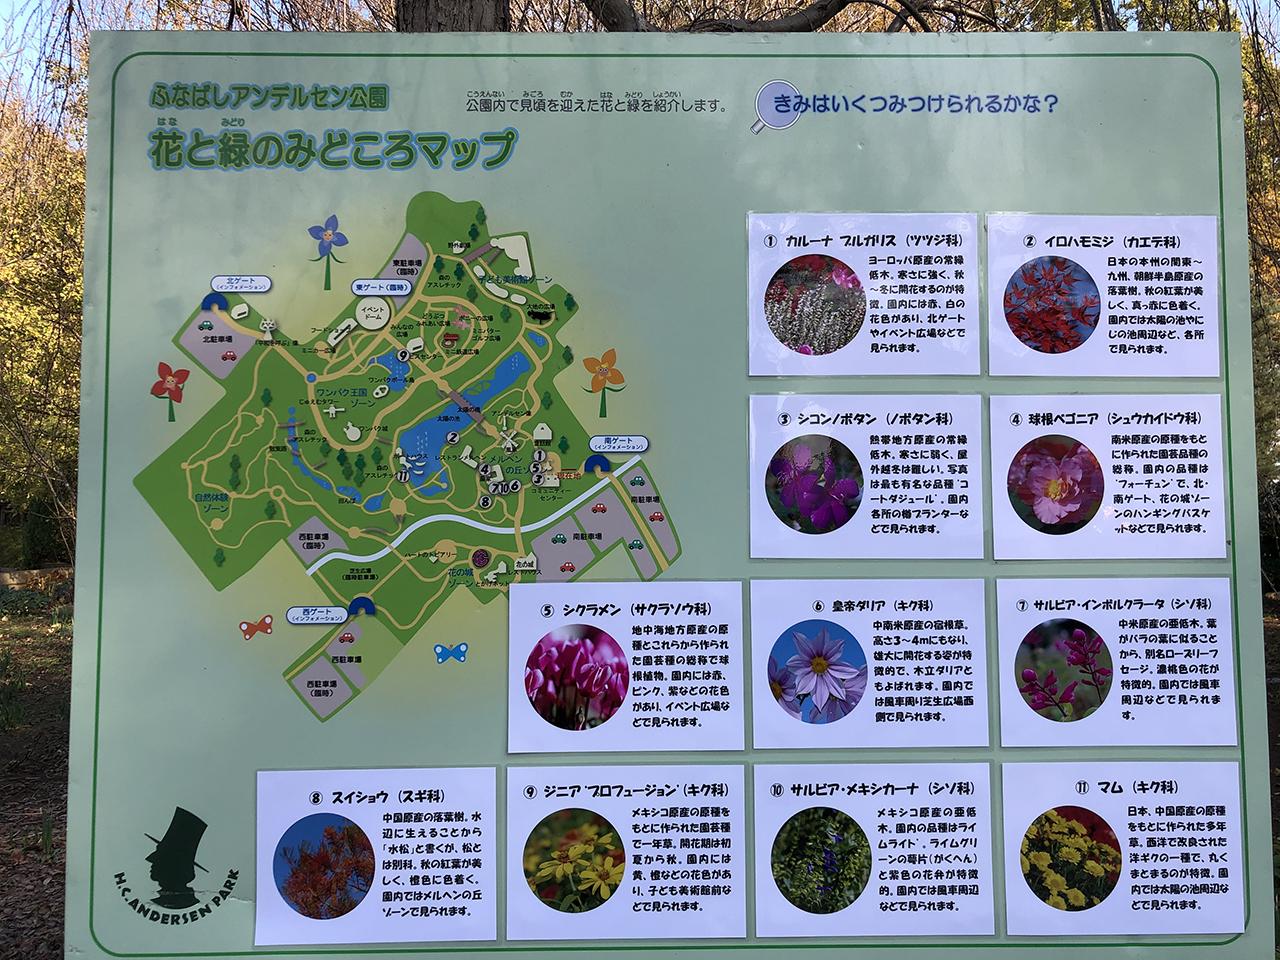 アンデルセン公園の花と緑のみどころマップの写真